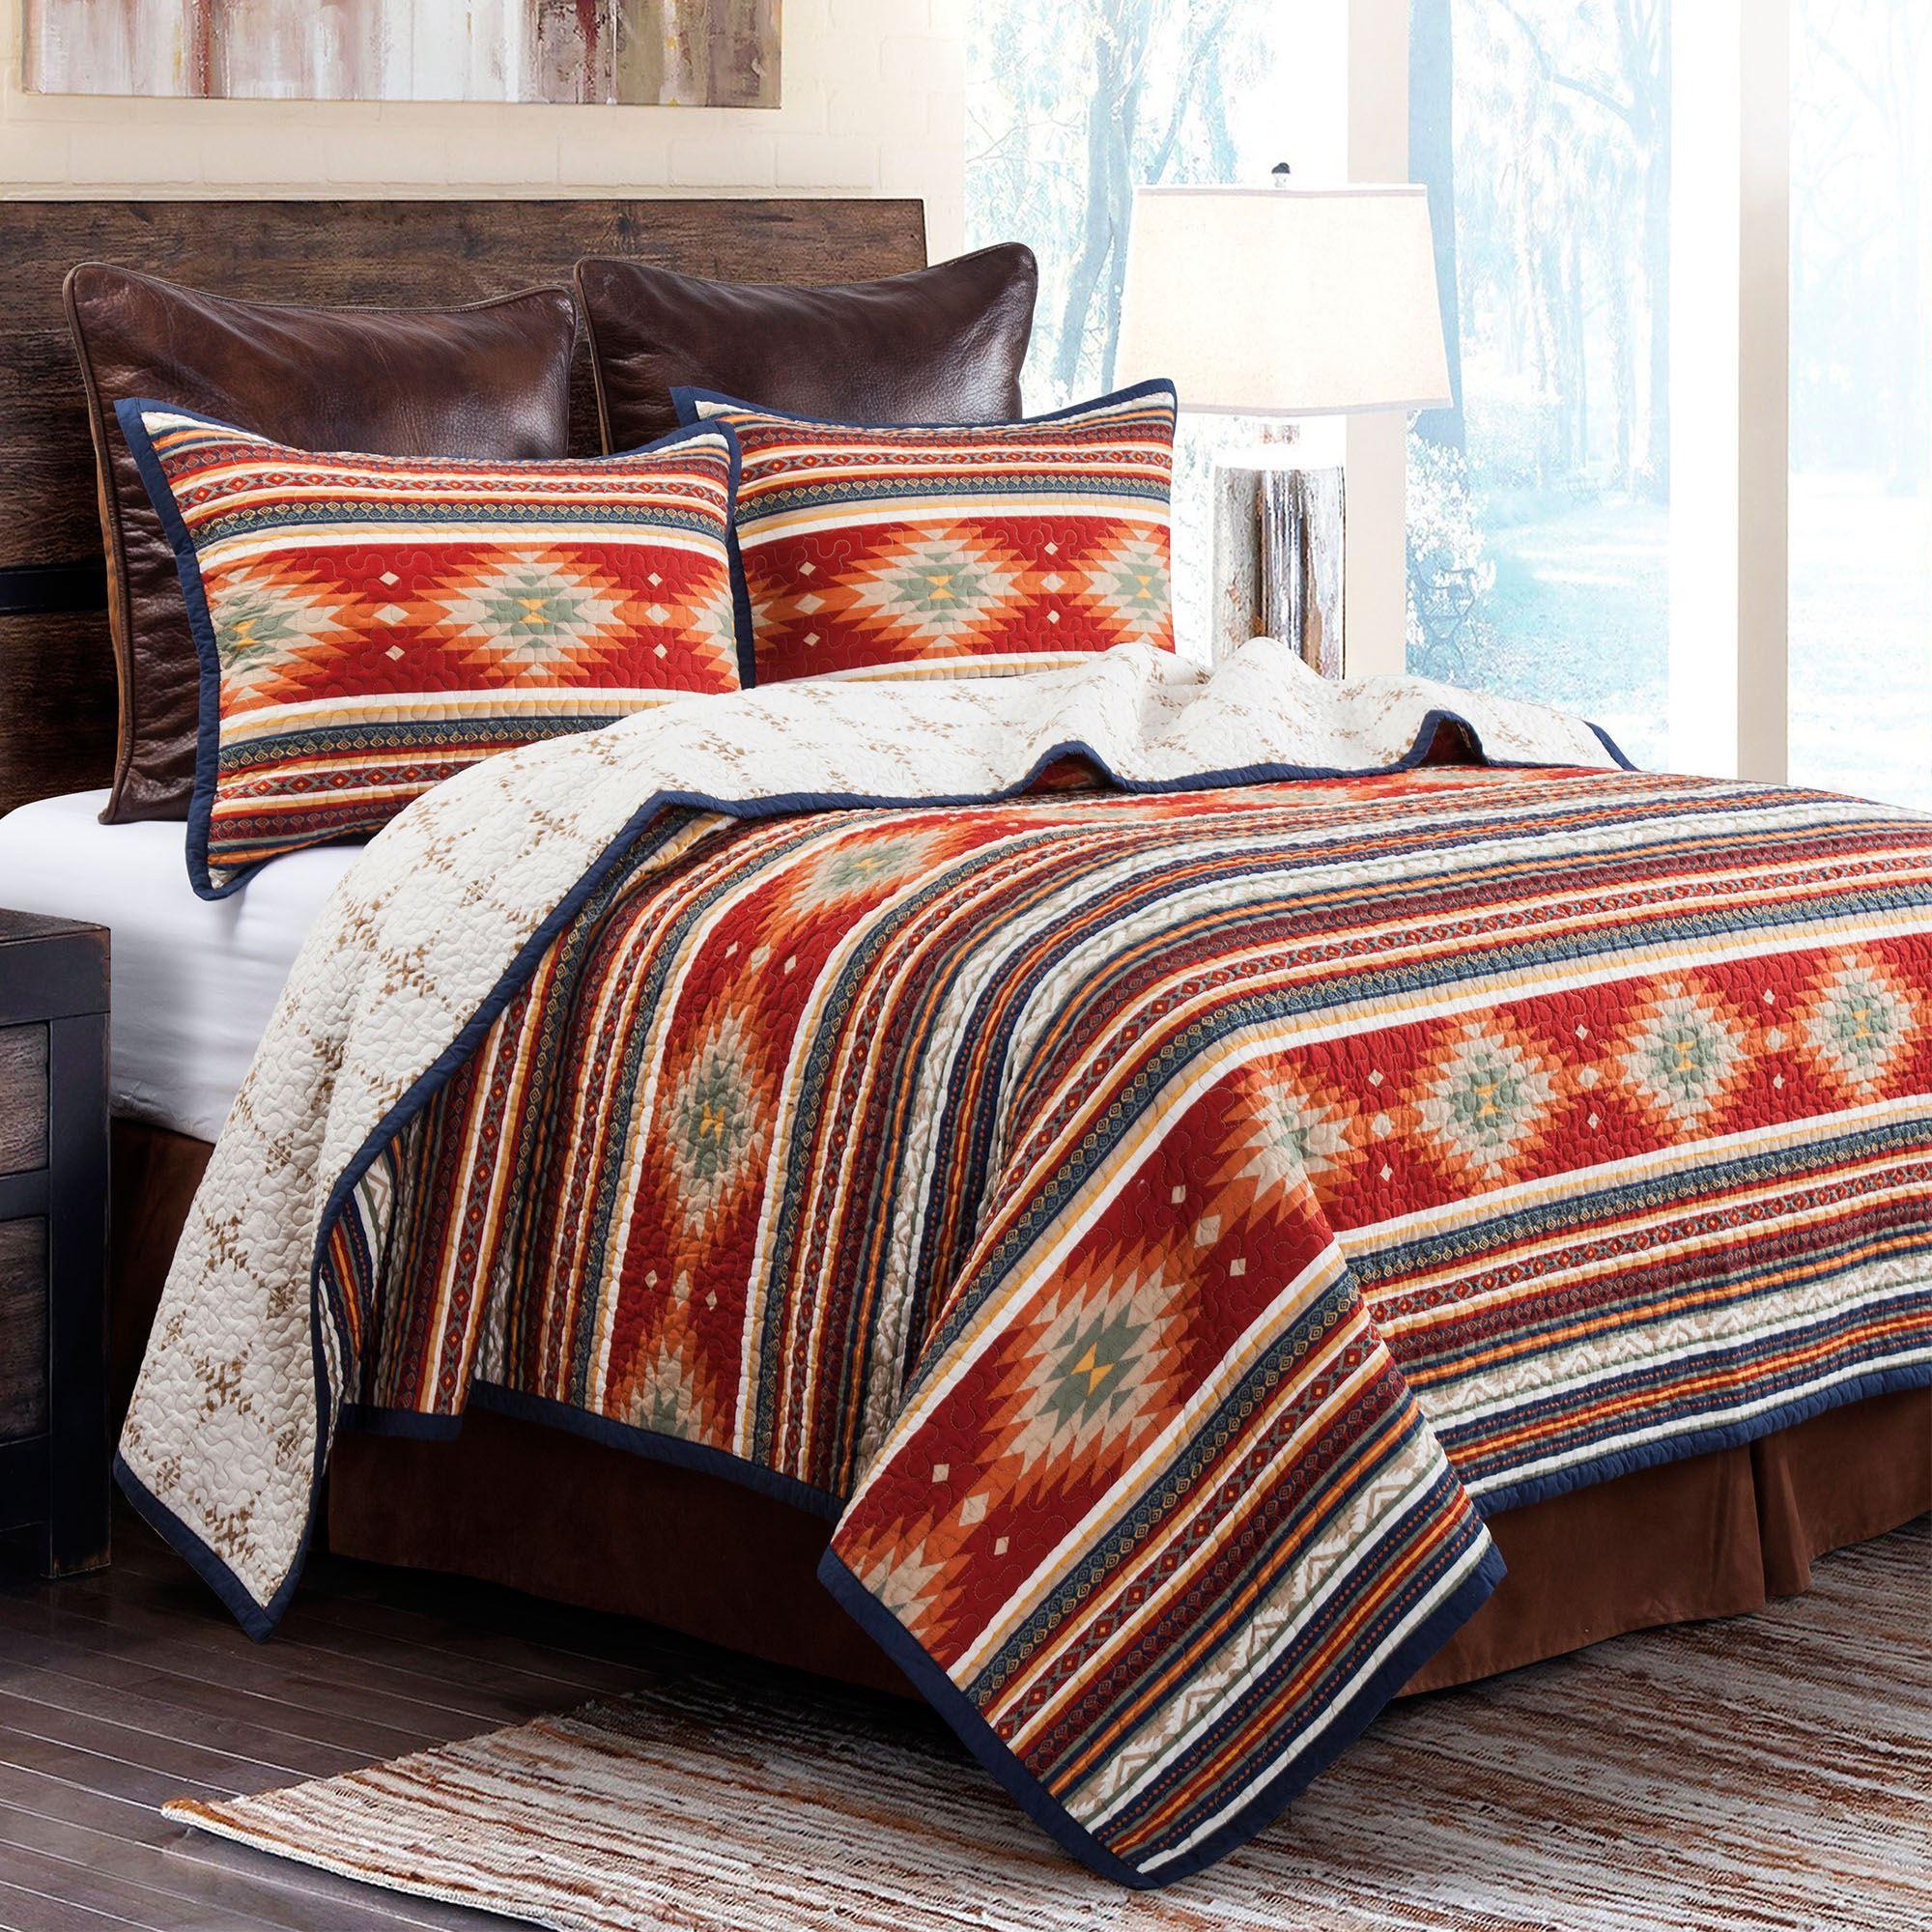 Del Sol Reversible Striped Southwest Mini Quilt Set Bedding